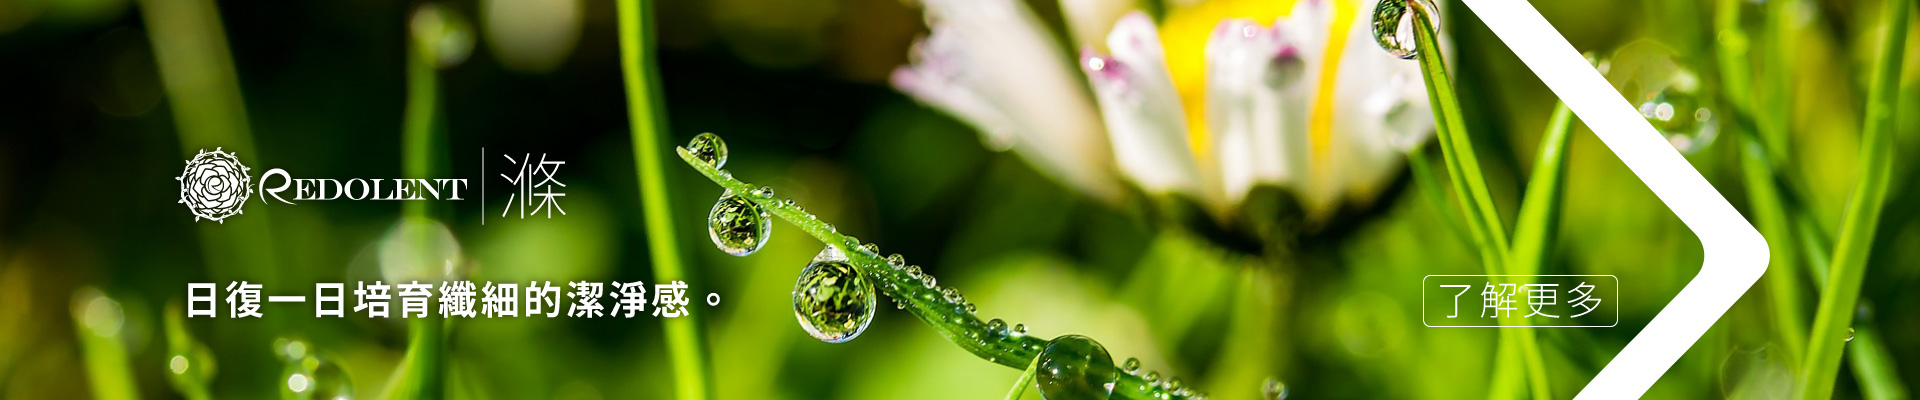 Redolent 花雨 |滌 :日復一日培育纖細的潔淨感。